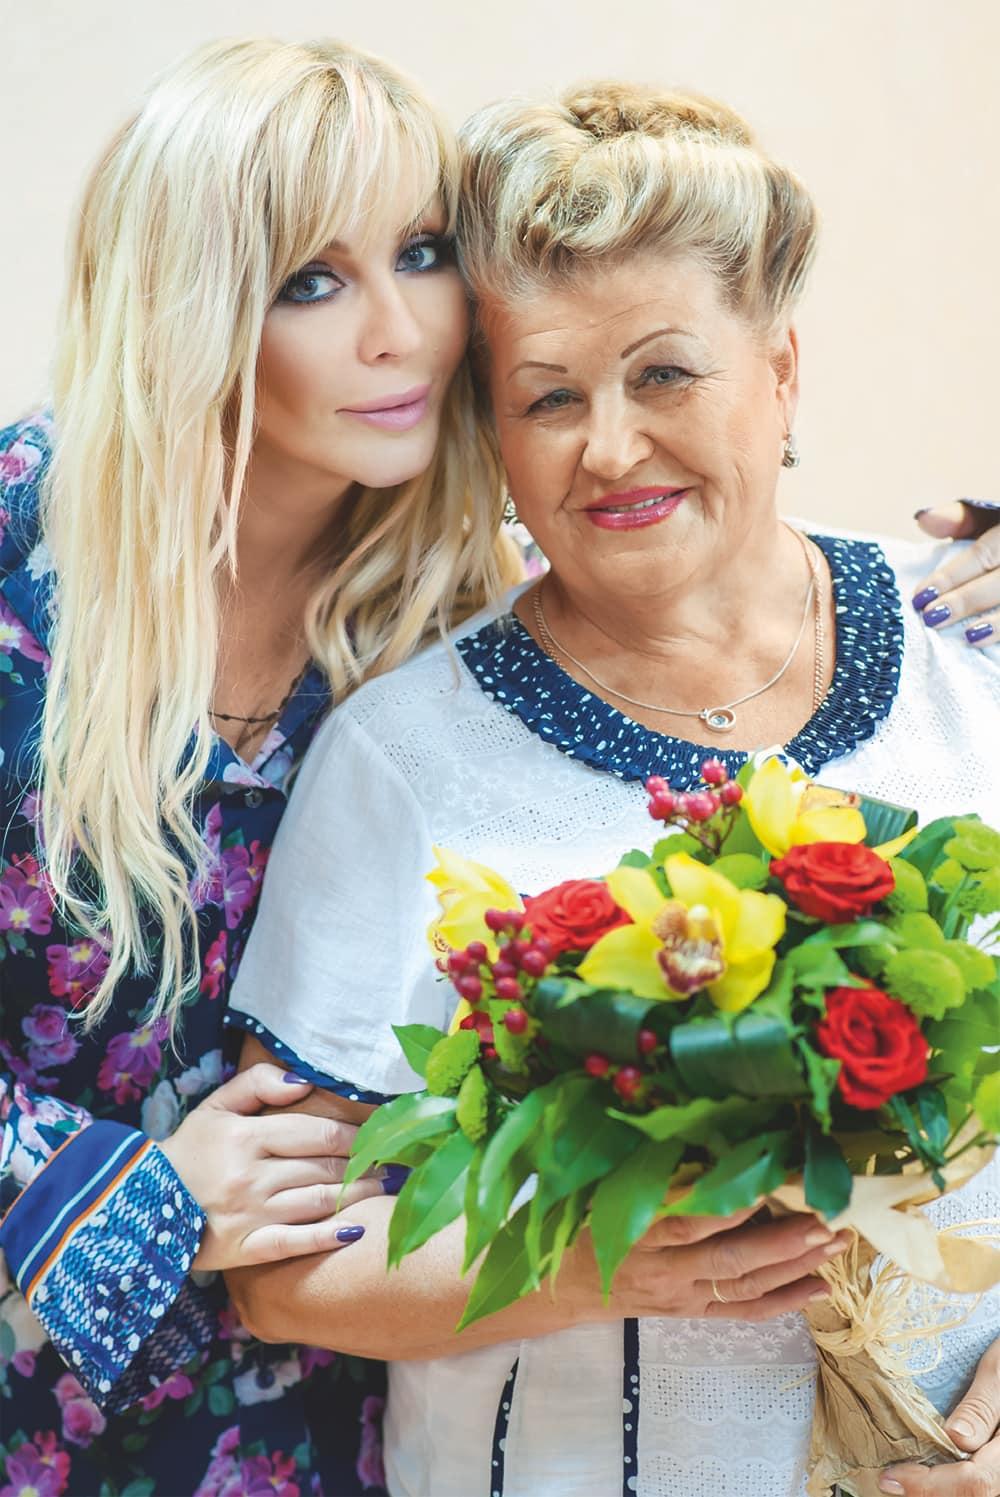 У Ирины Билык умерла мама: второе горе за год